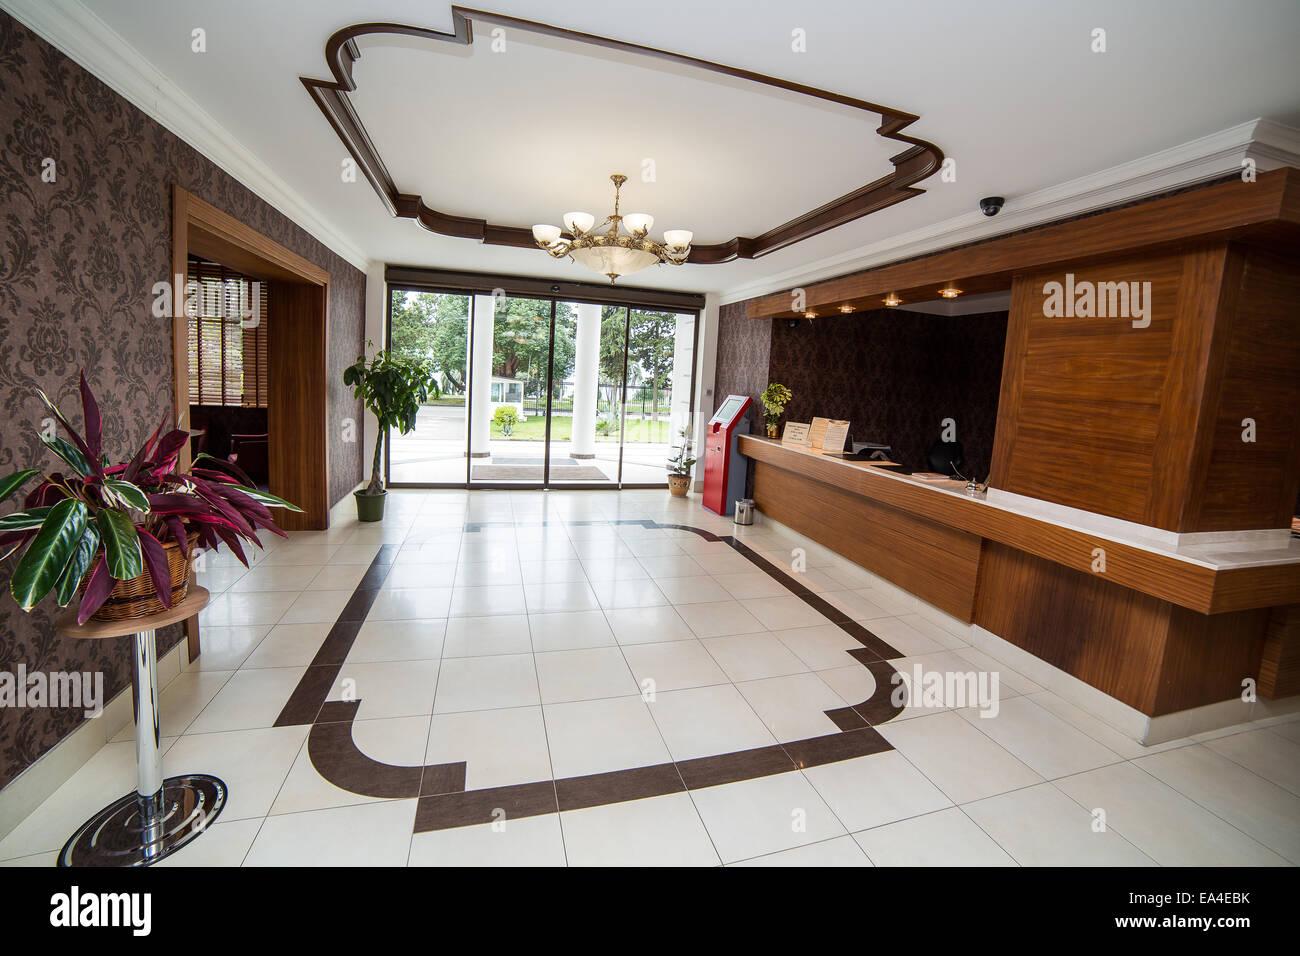 Innenarchitektur Halle luxus lobby im hotel rezeption halle innenarchitektur stockfoto